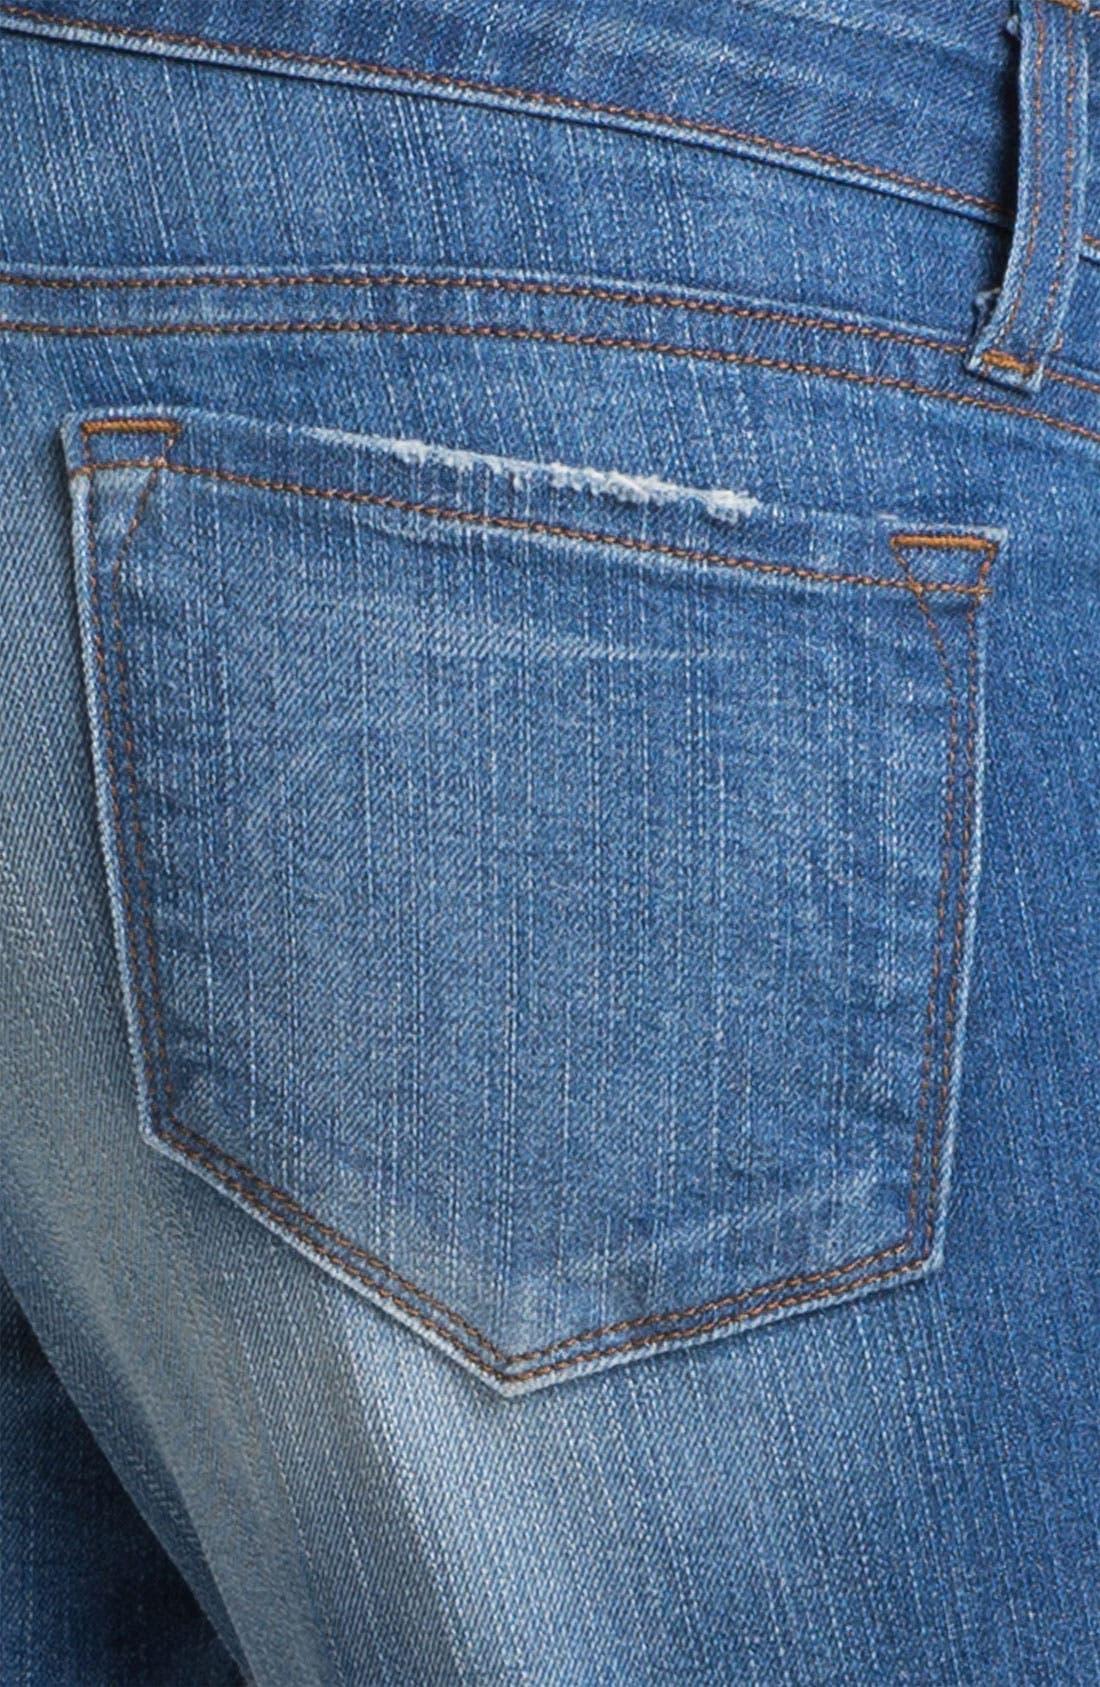 Boyfriend Jeans,                             Alternate thumbnail 2, color,                             401